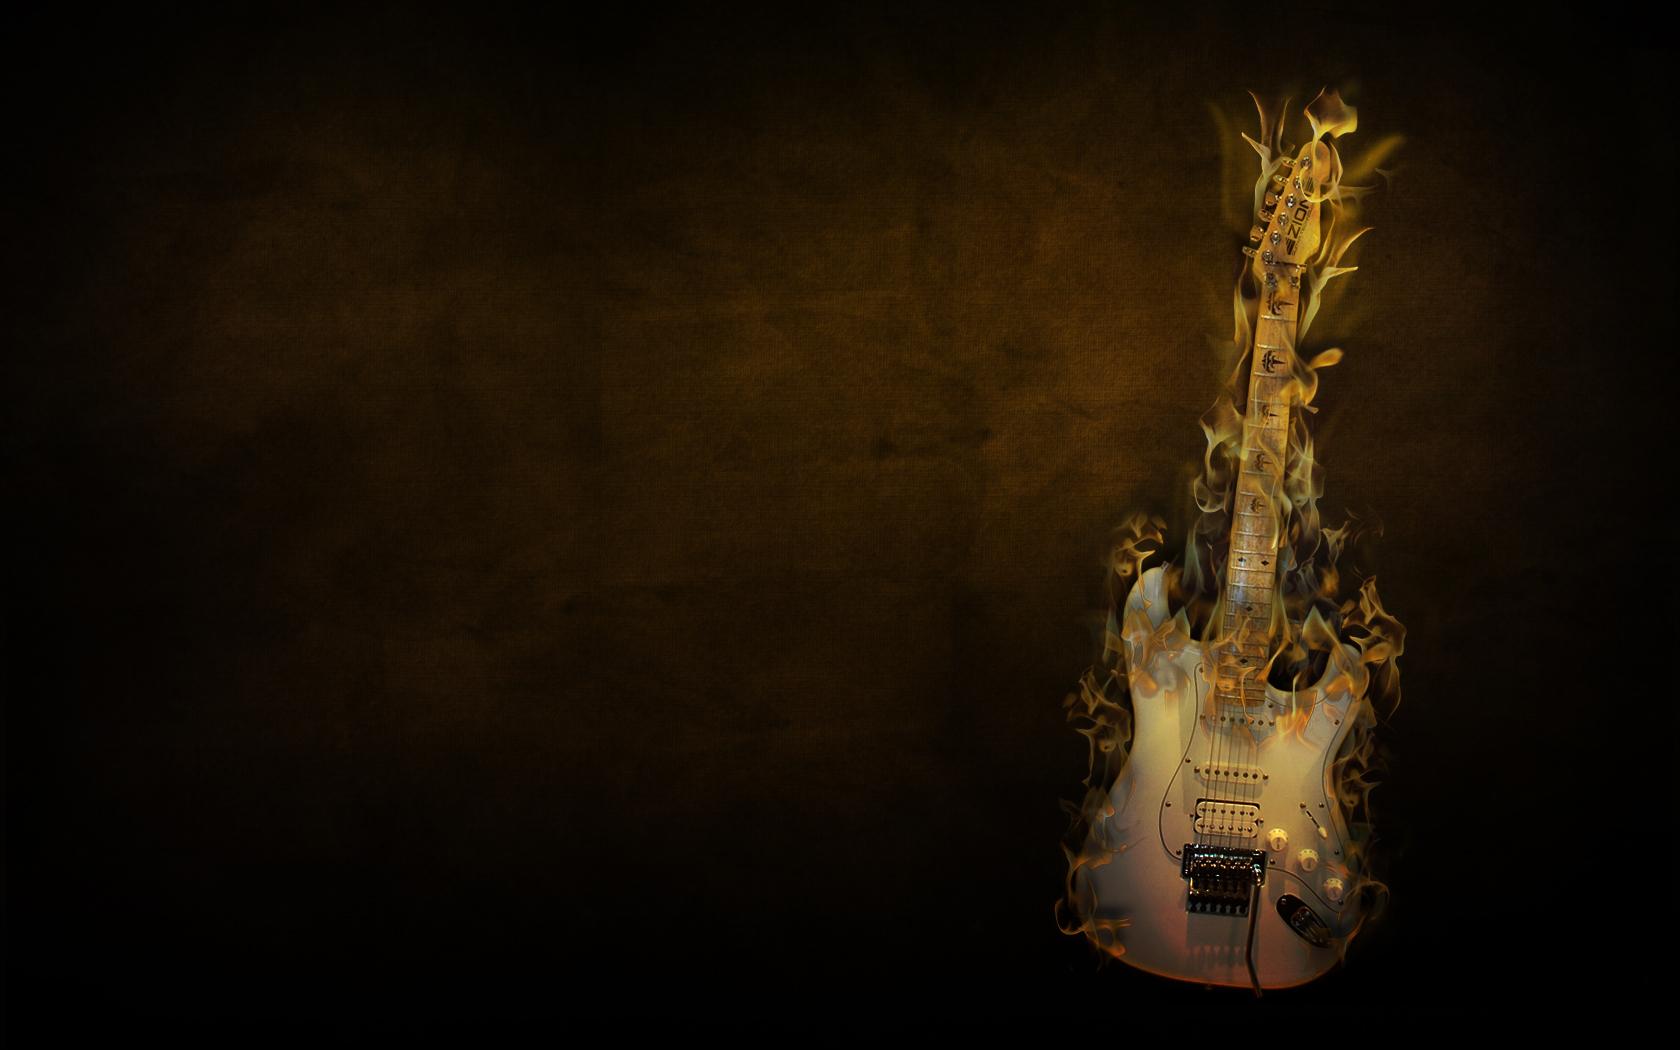 Flaming Guitar Wallpaper   Music Wallpaper 17264134 1680x1050